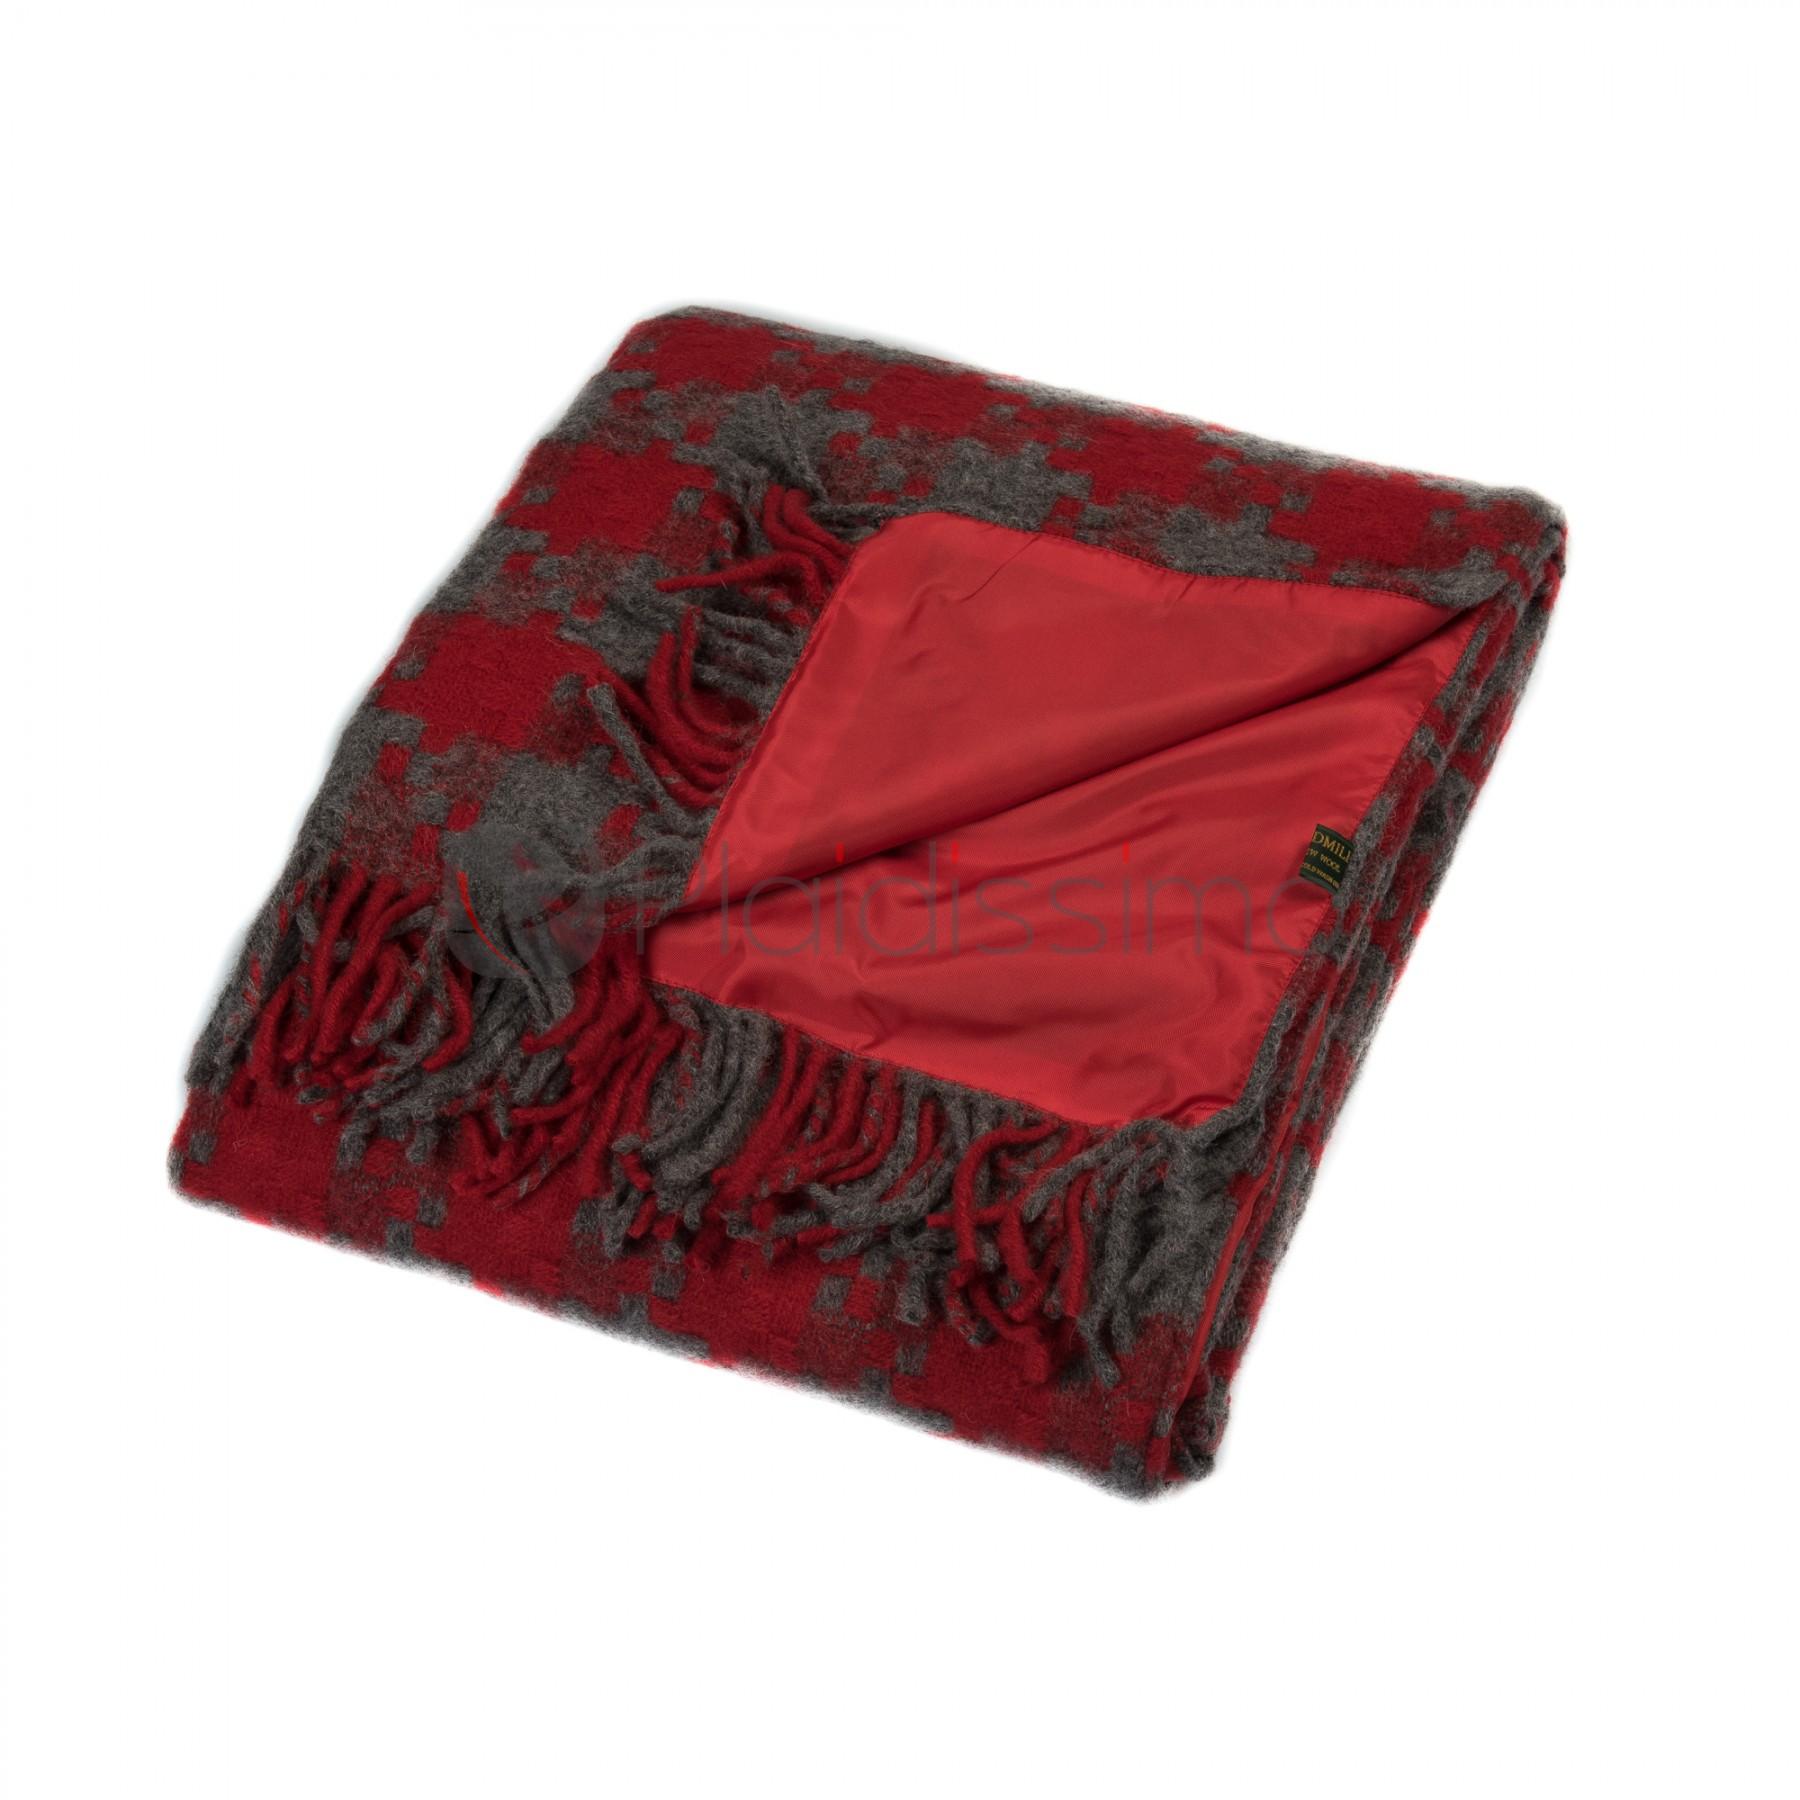 Plaid de Pique-Nique Imperméable · 100% Pure Laine Vierge · Jigsaw Red 7517cc3f196